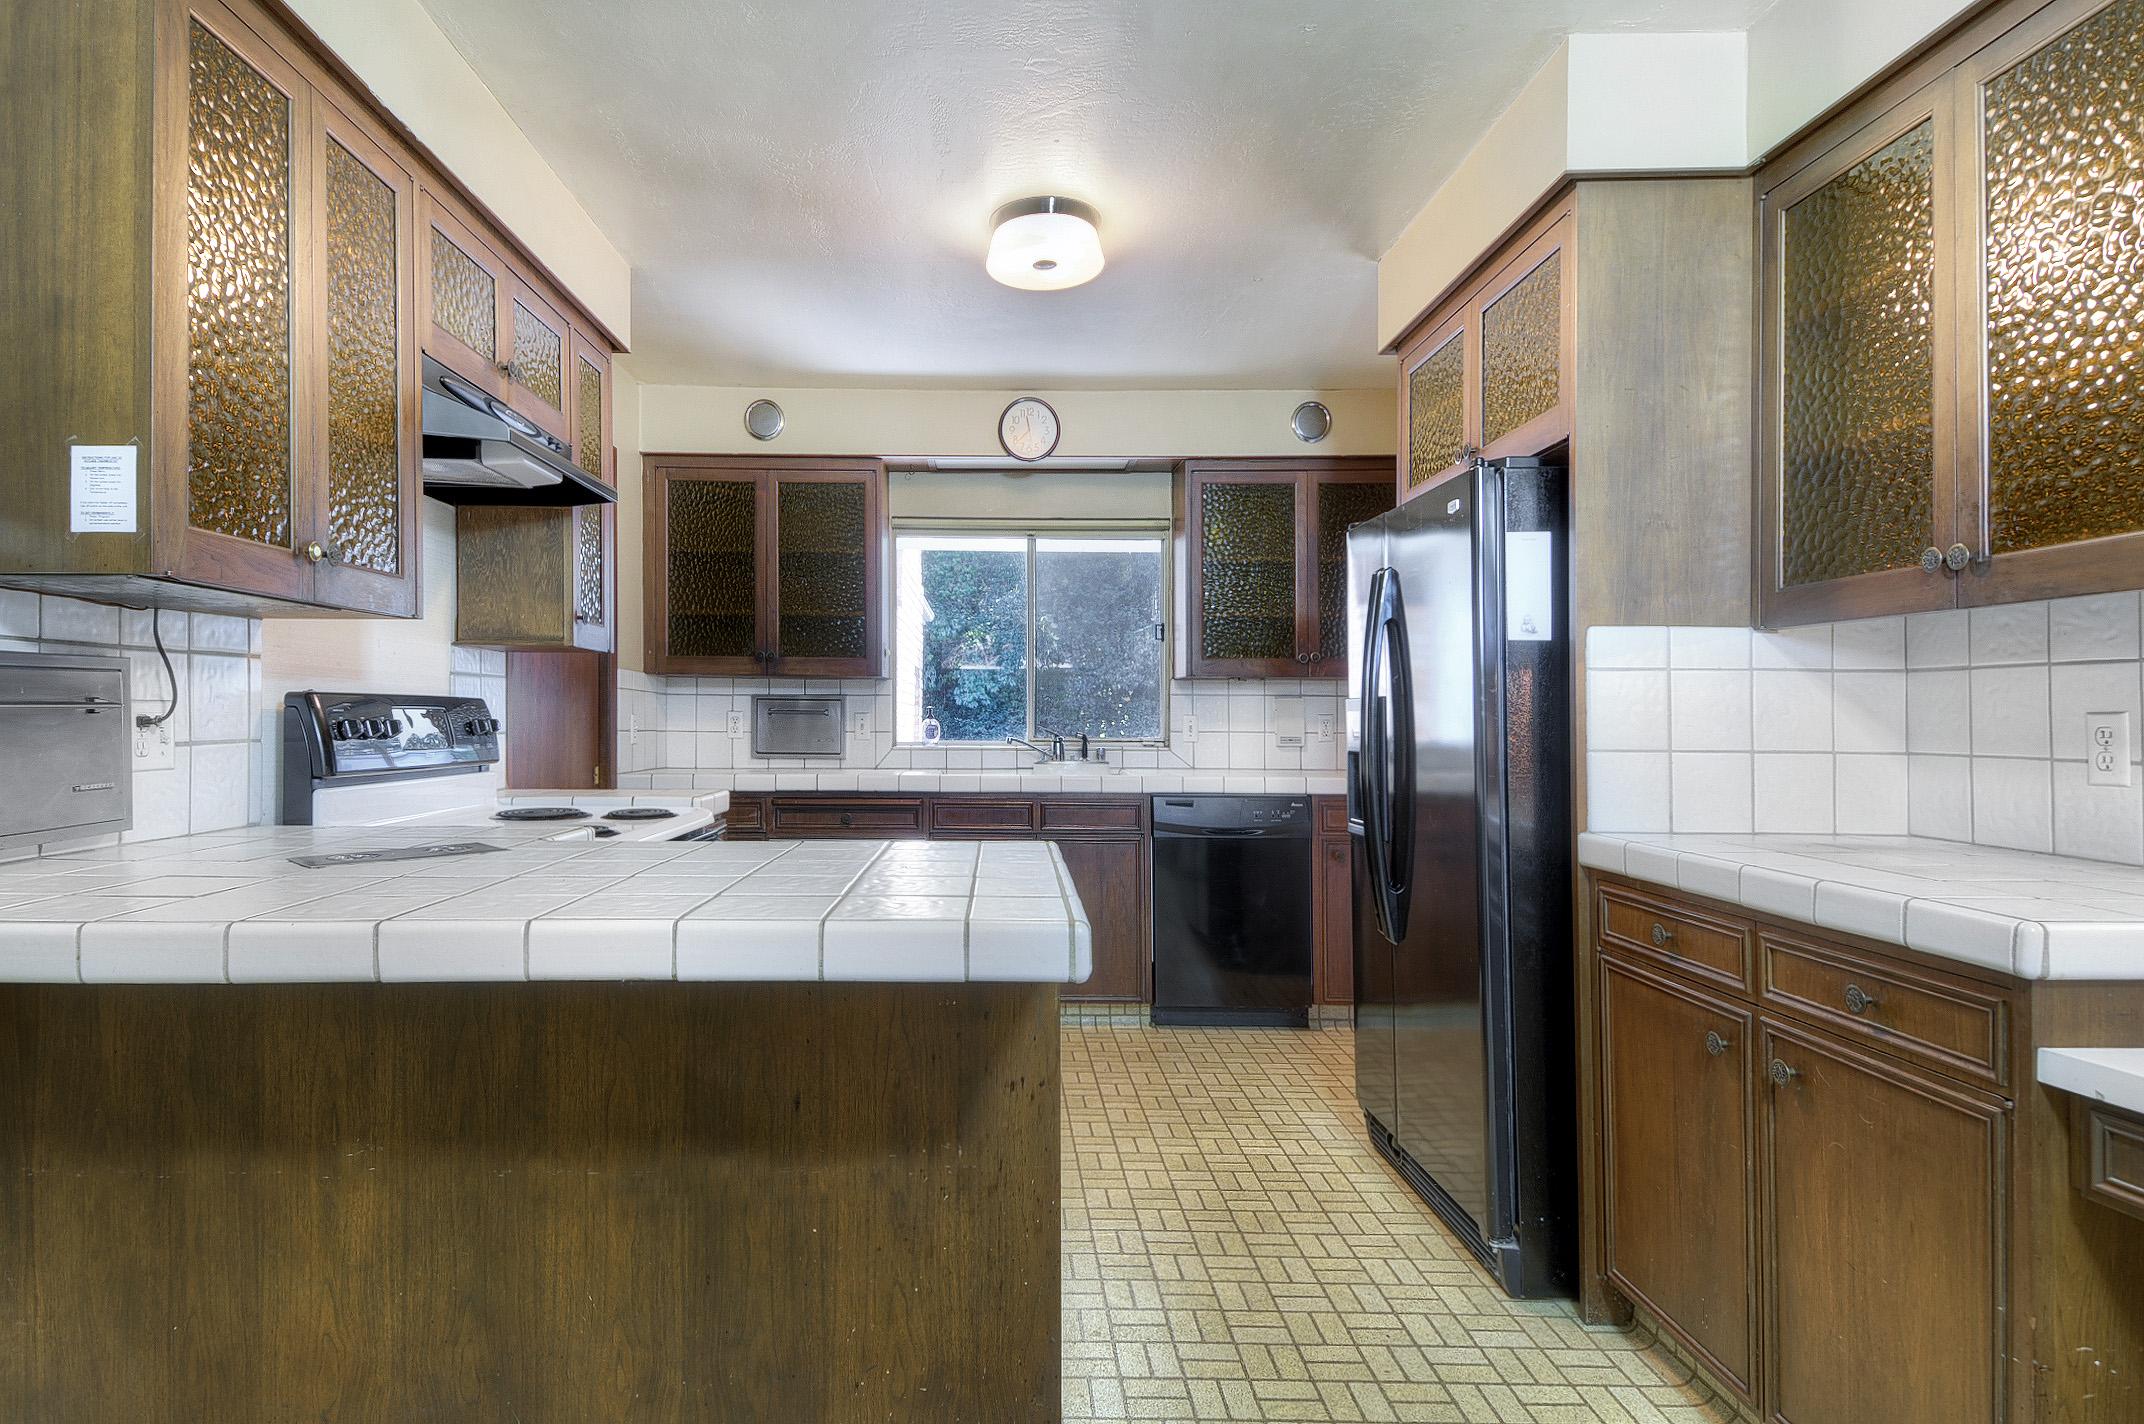 kitchen1c.jpg